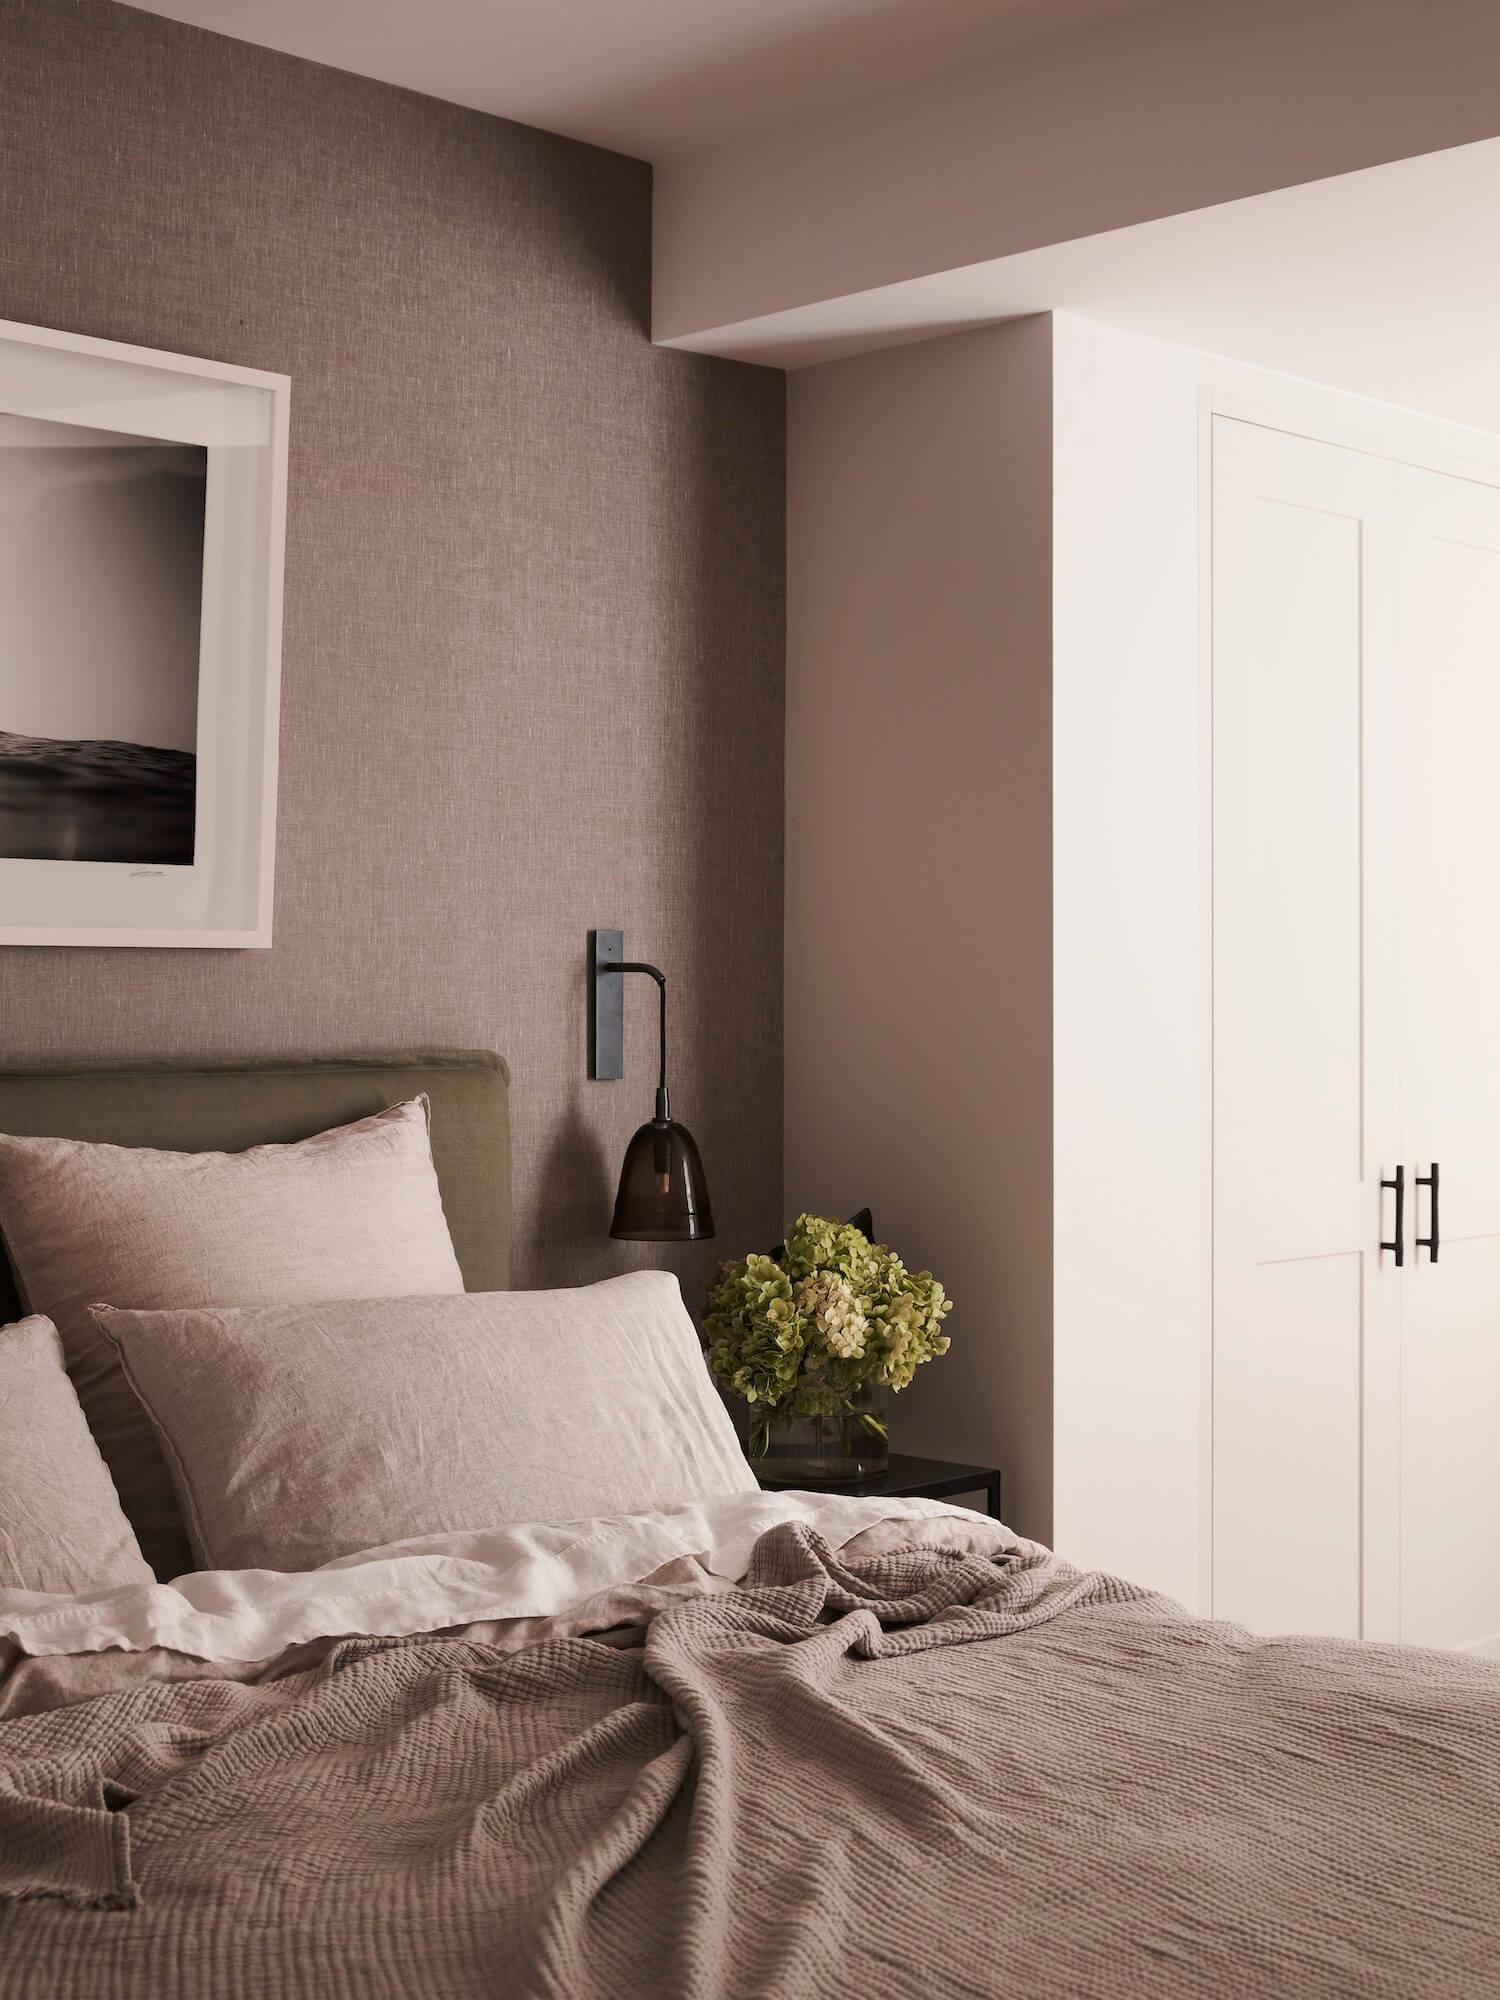 Bedroom Bondi Residence Tom Mark Henry